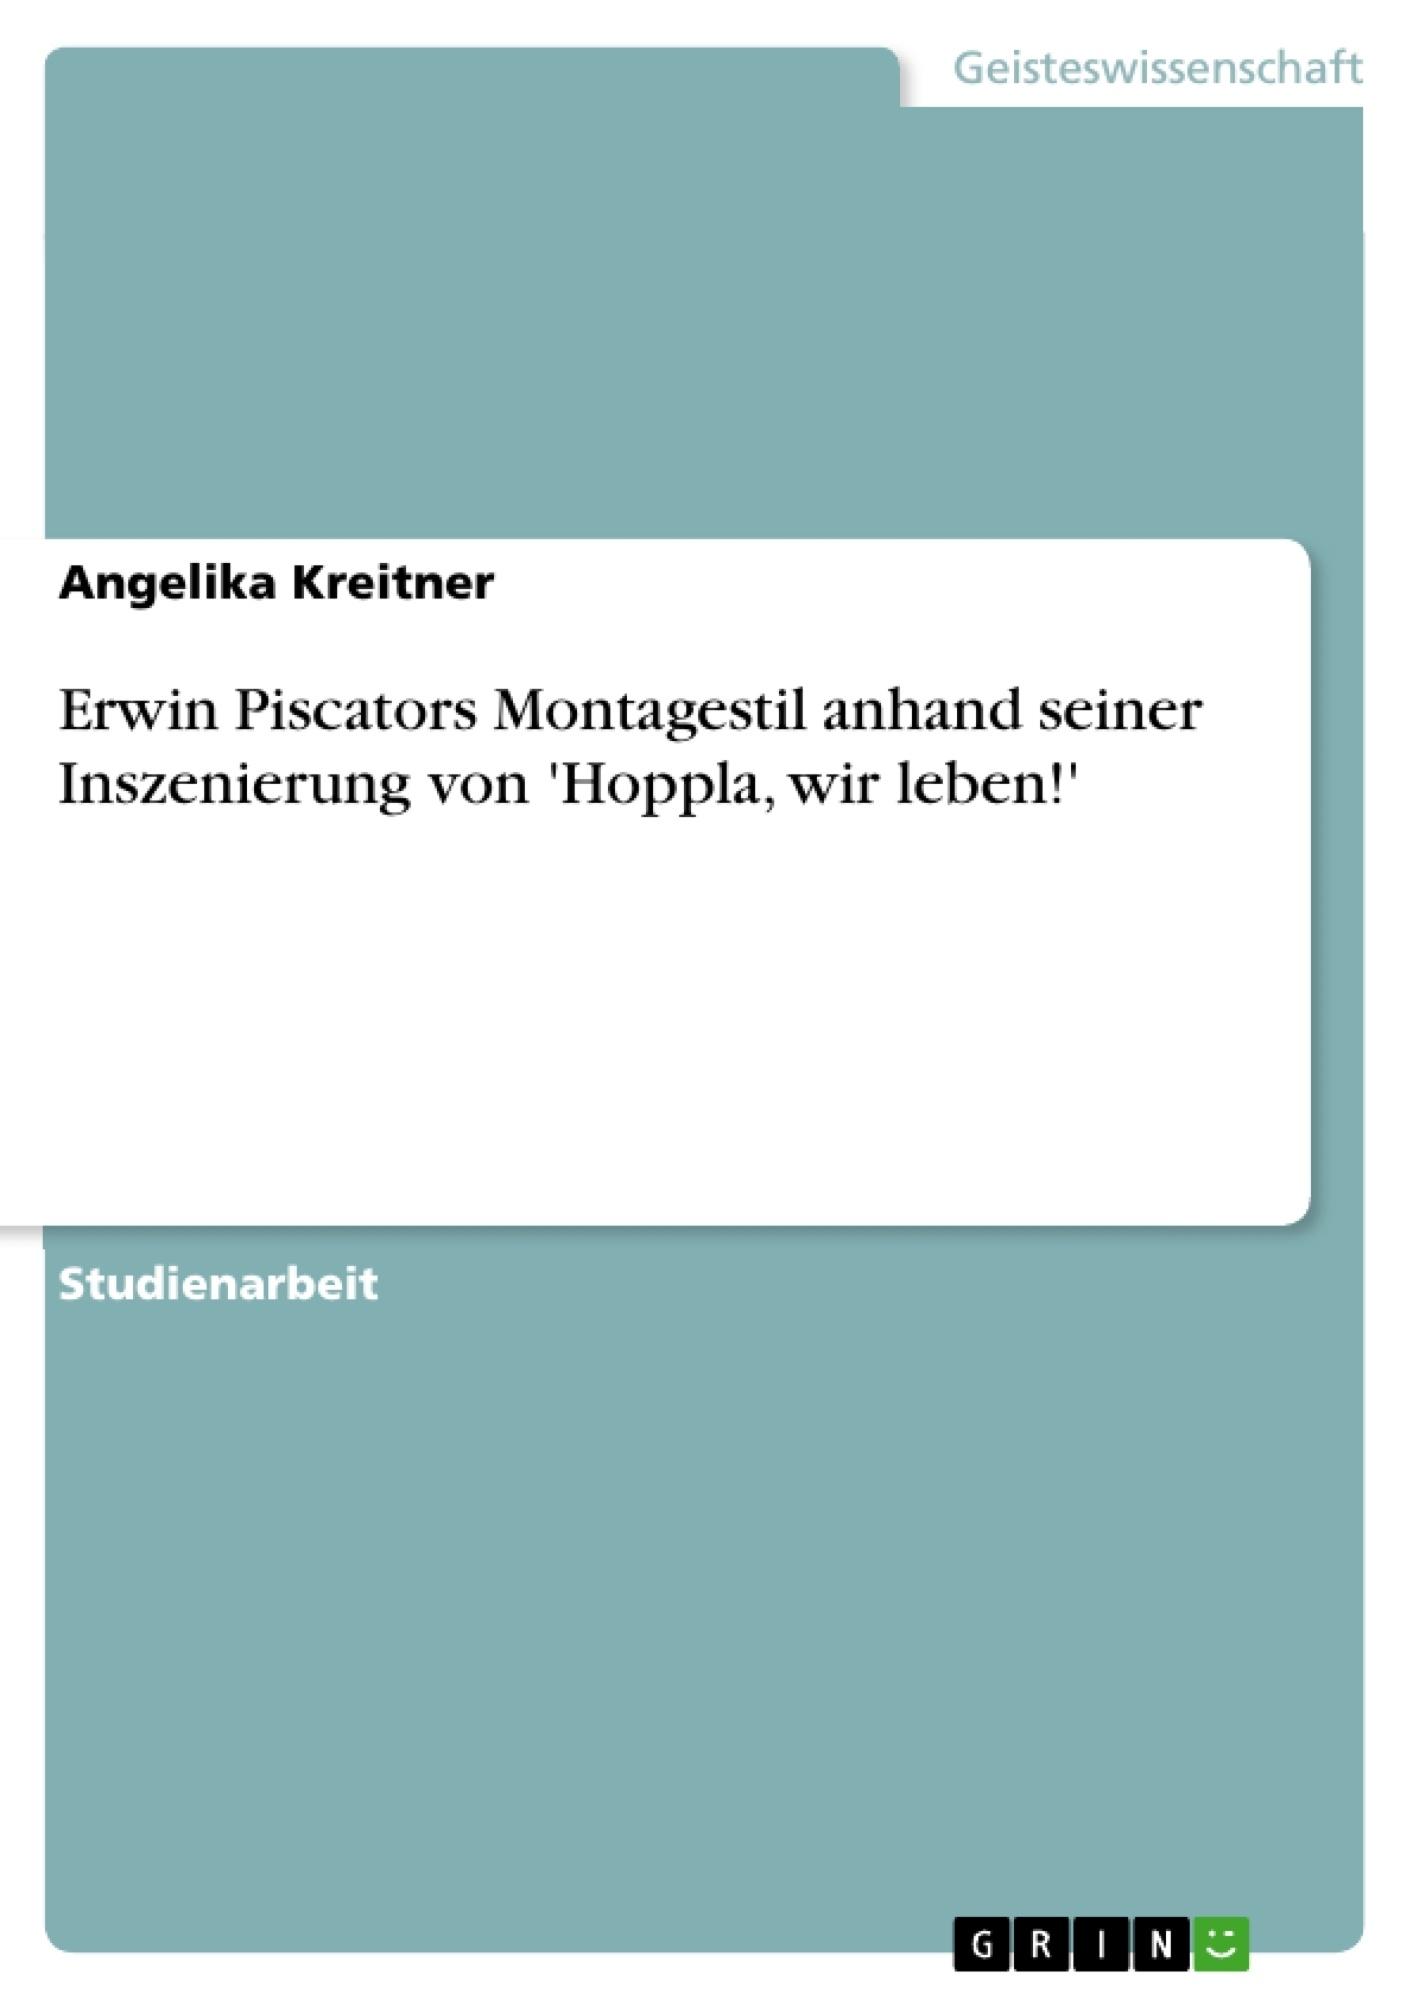 Titel: Erwin Piscators Montagestil anhand seiner Inszenierung von 'Hoppla, wir leben!'